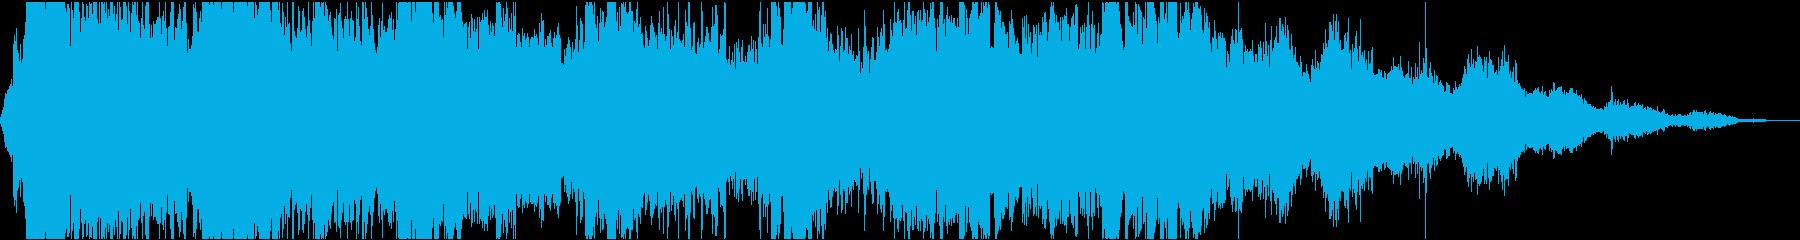 壮大で広がりのあるアンビエントの再生済みの波形